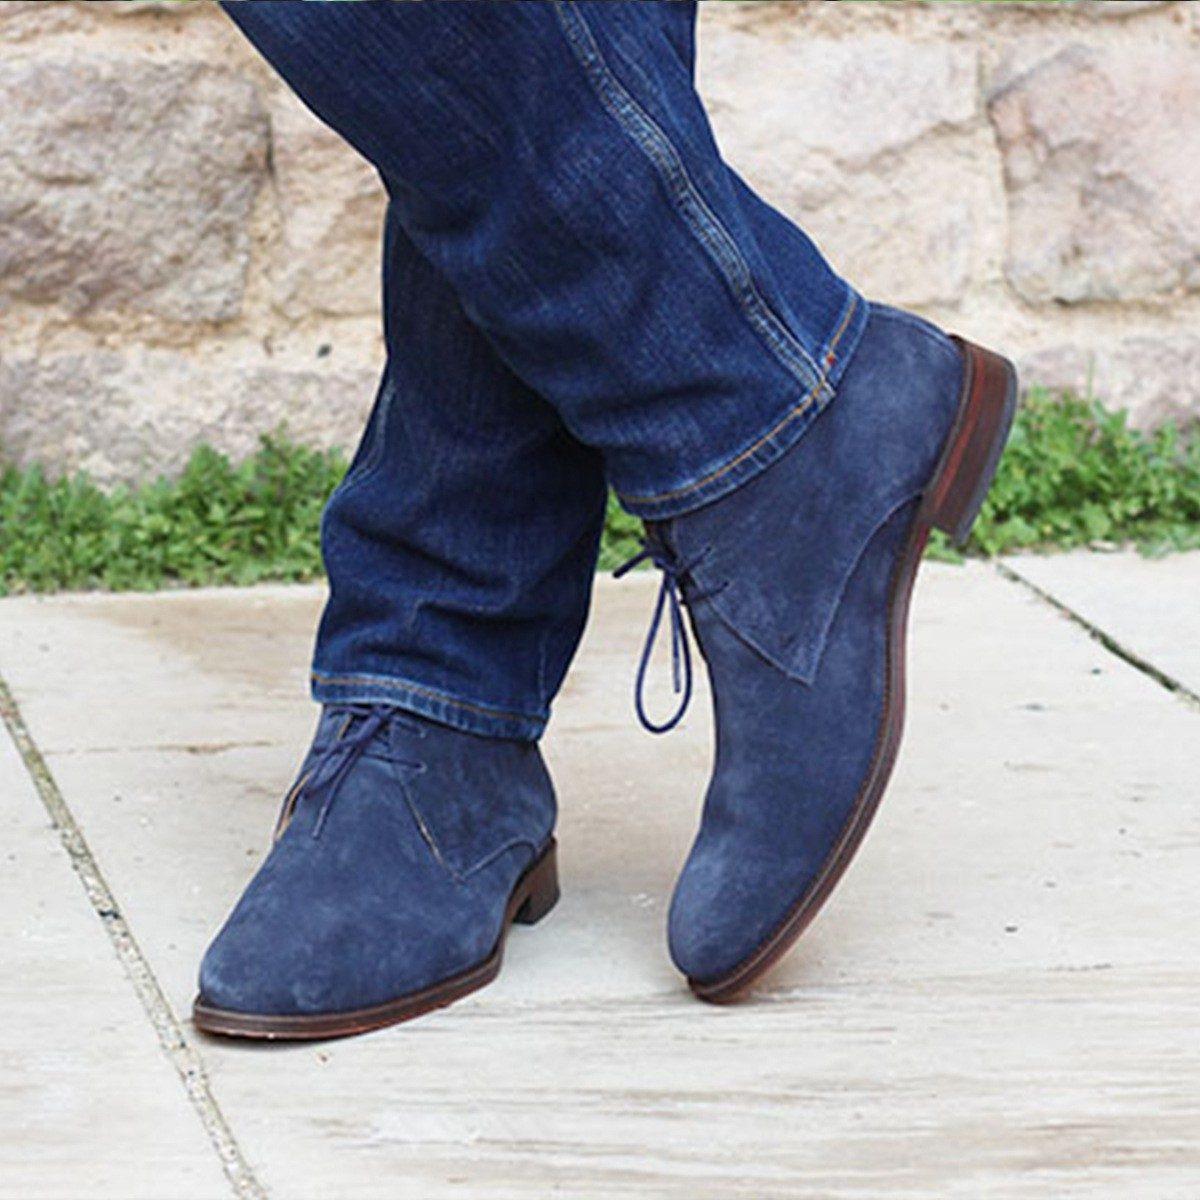 JULES & JENN - desert boots bleu